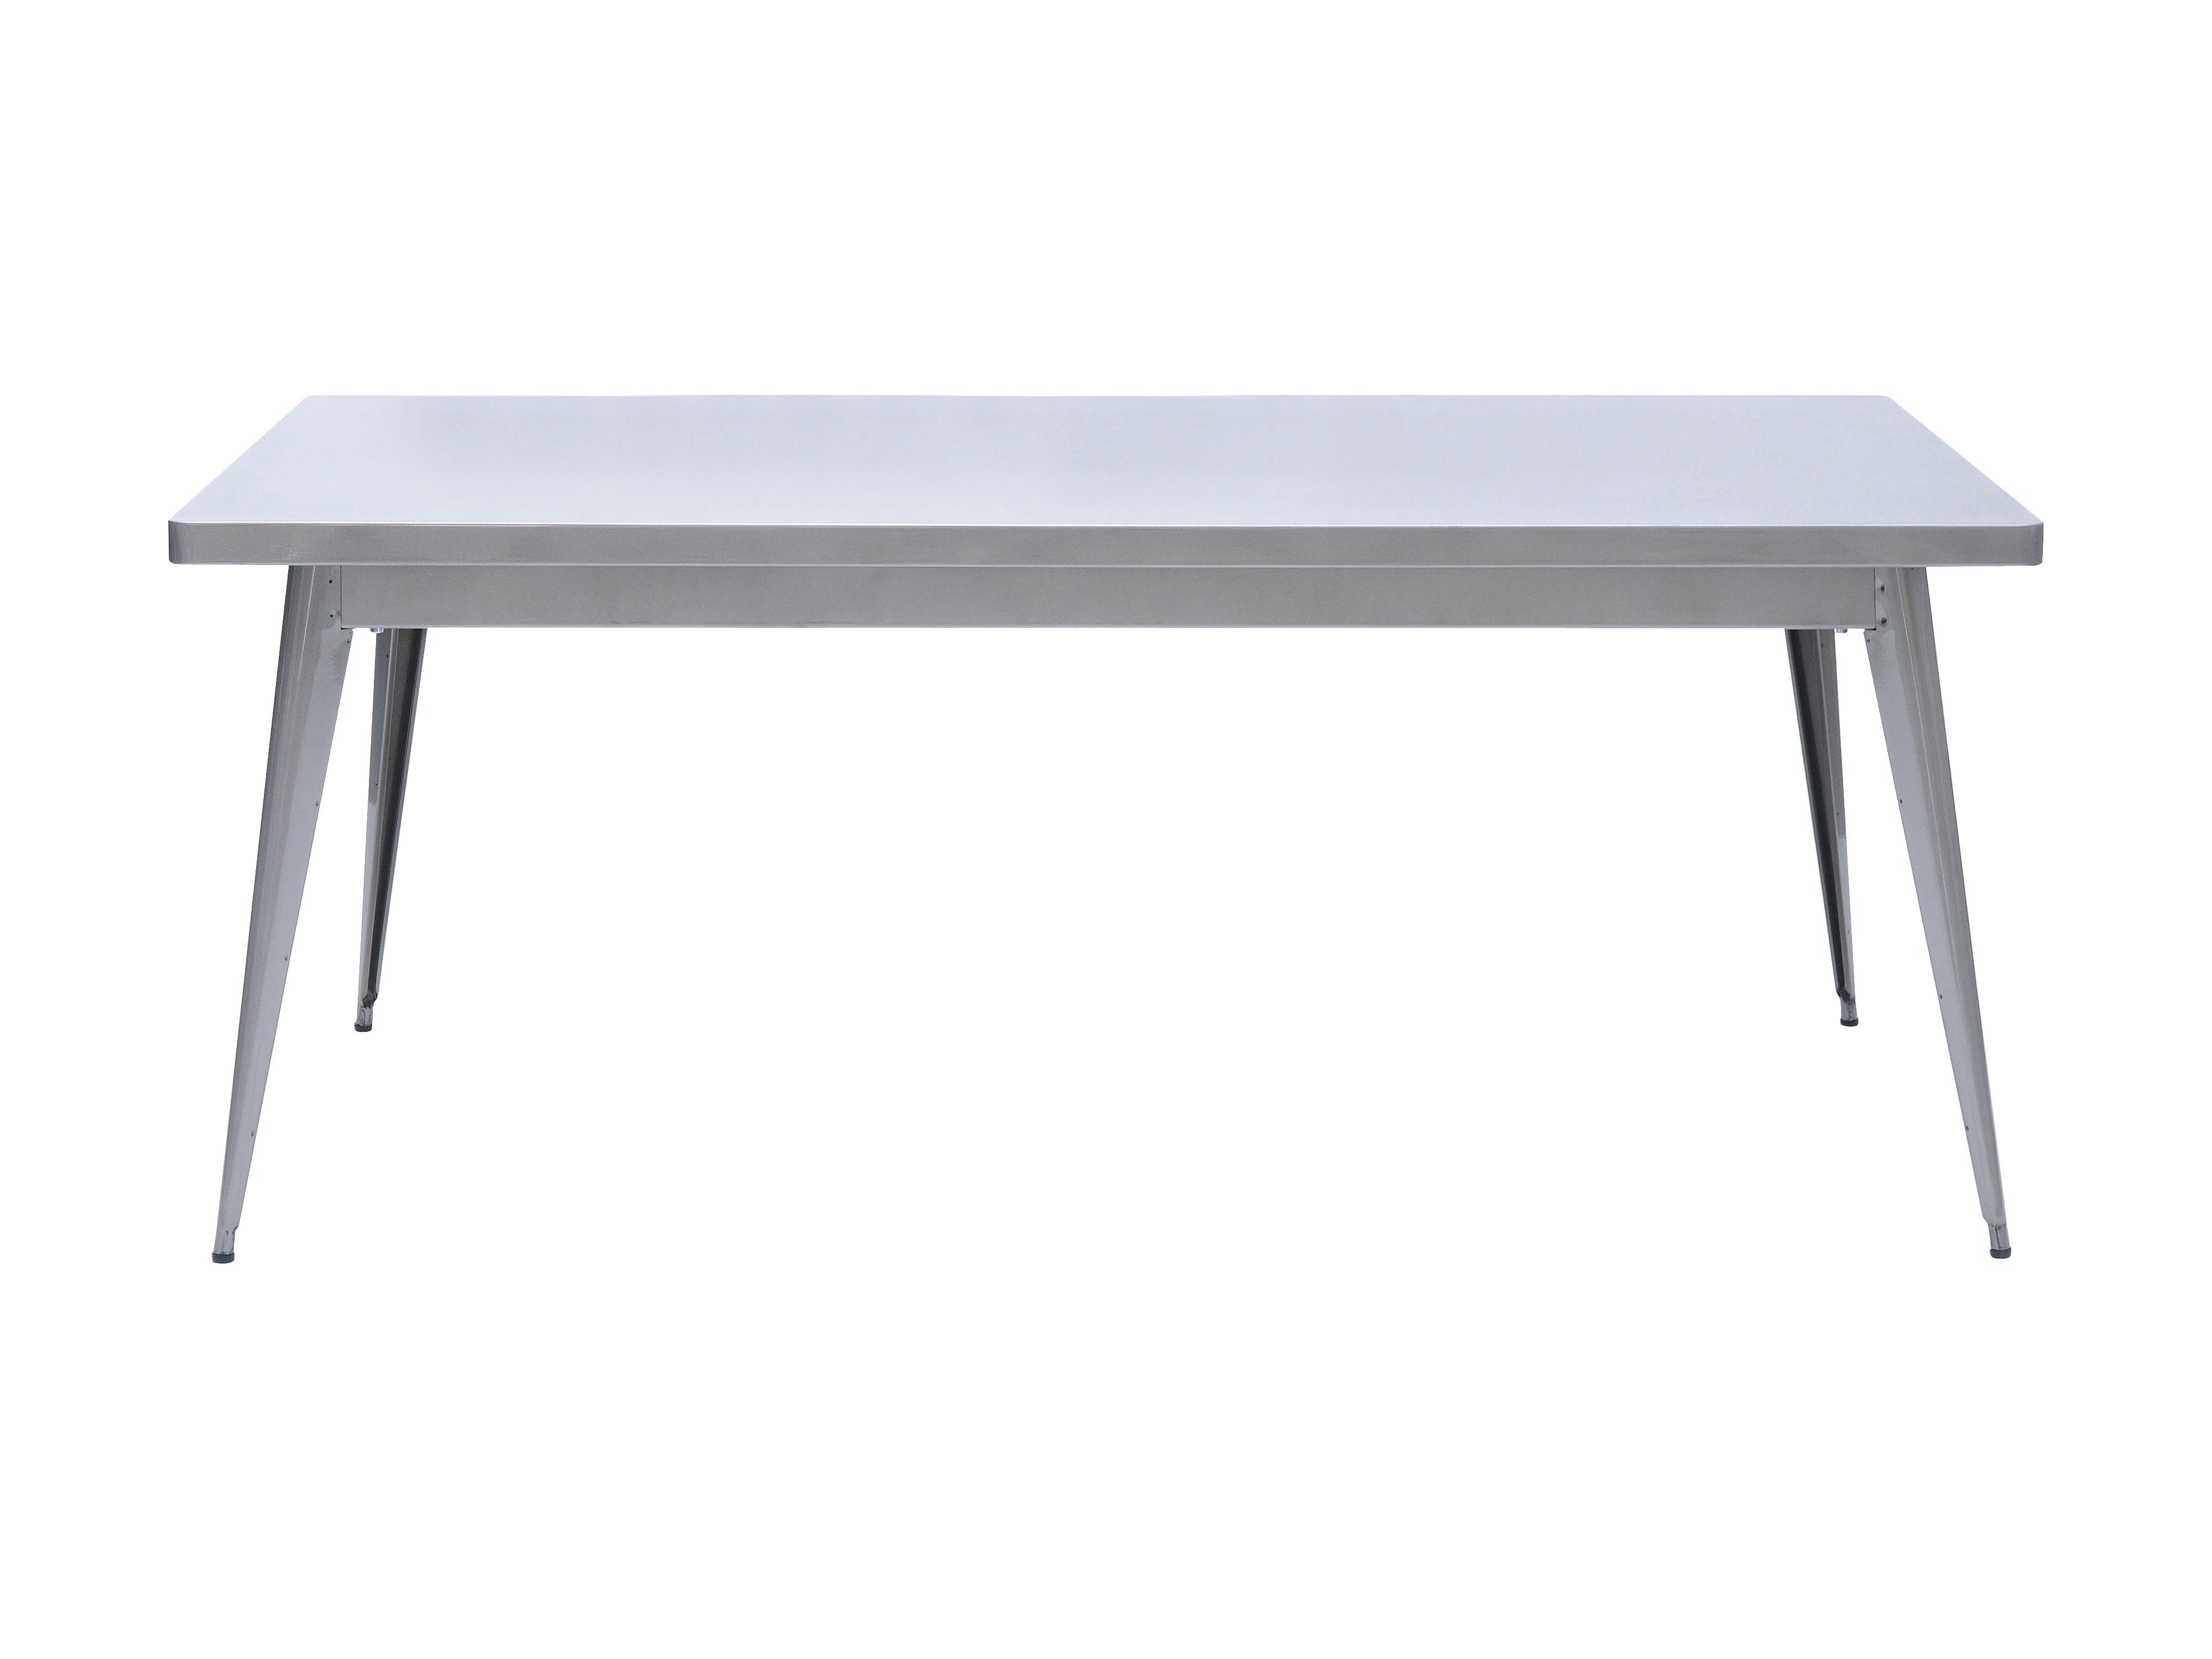 Vitrine IT - Vitrine Home IT - 55 rechteckiger Tisch L 130 x B 70 cm - Tolix - 130 x 70 cm - Rohstahl mit Glanzlackierung - Acier brut verni brillant